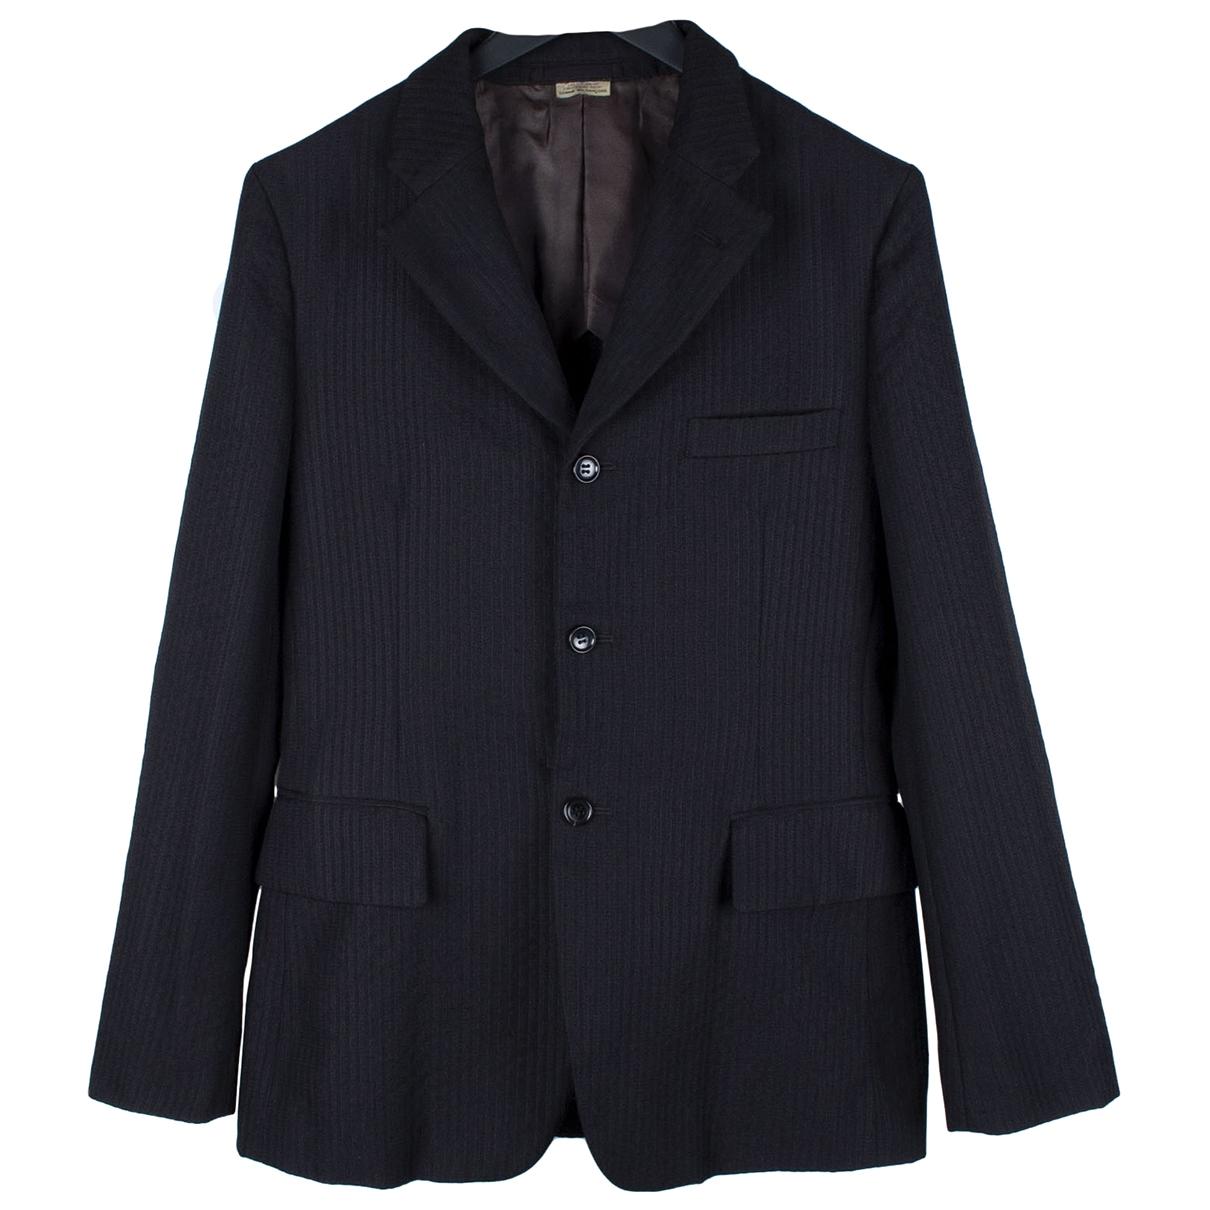 Comme Des Garcons \N Black jacket  for Men M International